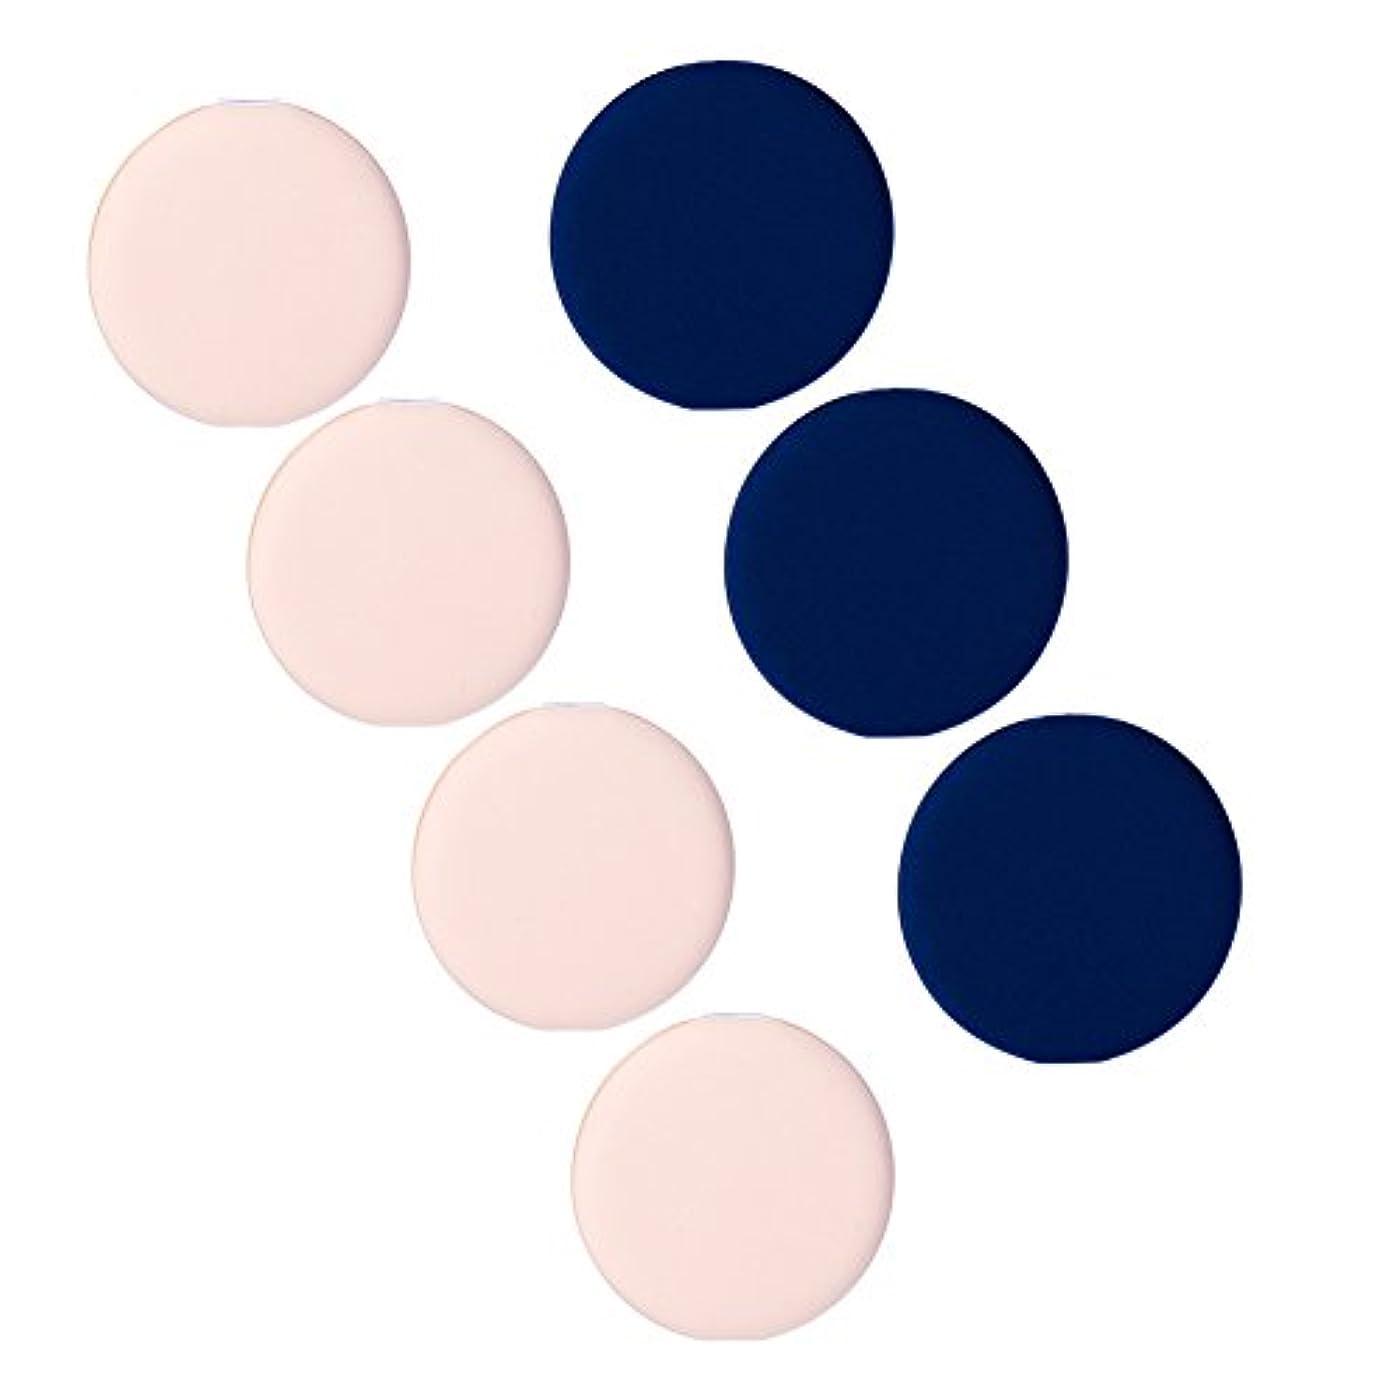 コメント高潔なリッチ7個/セット ミニメイクアップ  パウダーファンデーション BBクリームエアクッションパフ  化粧品用具